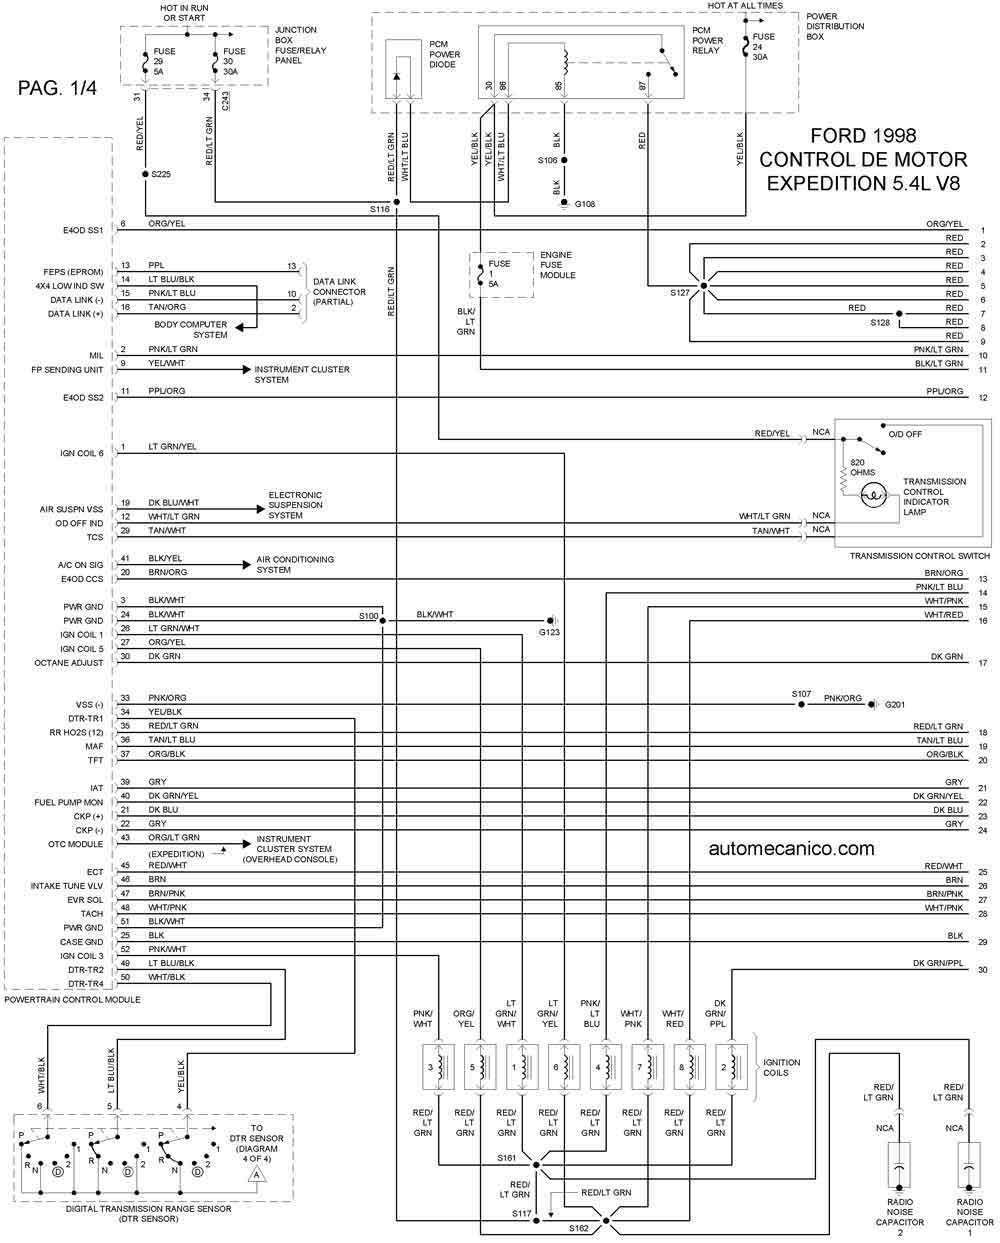 Diagramas FORD - automecanicocom